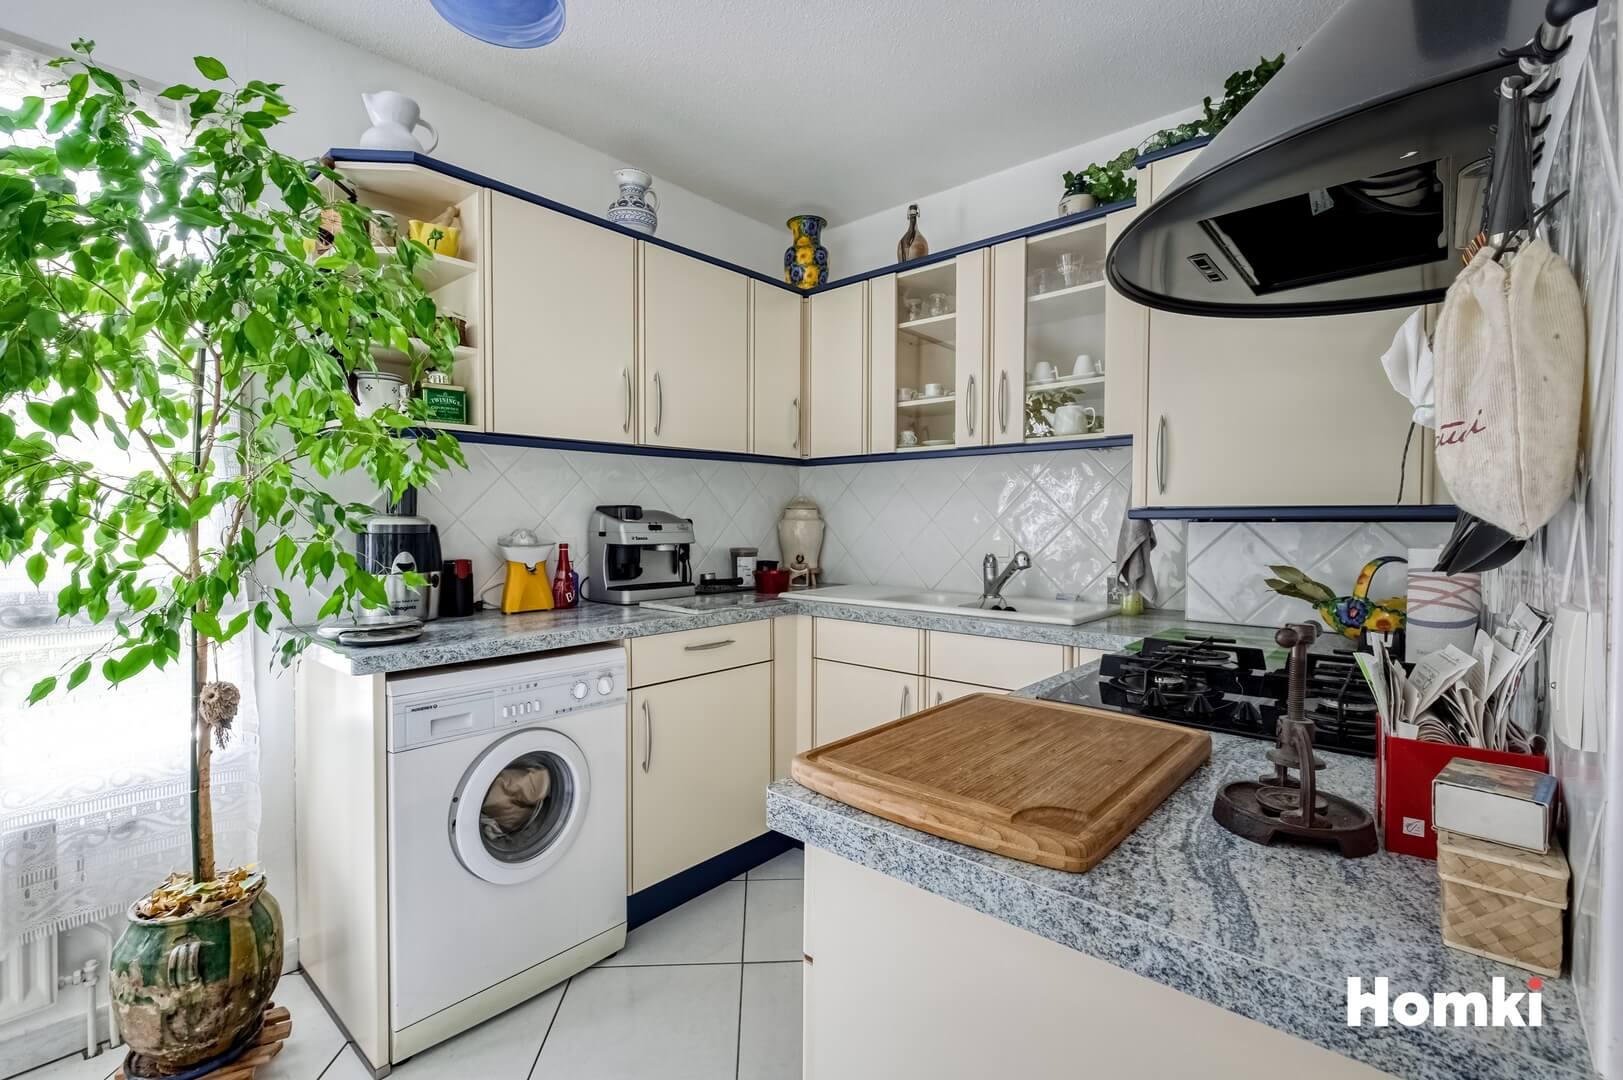 Homki - Vente Appartement  de 80.0 m² à Toulouse 31200